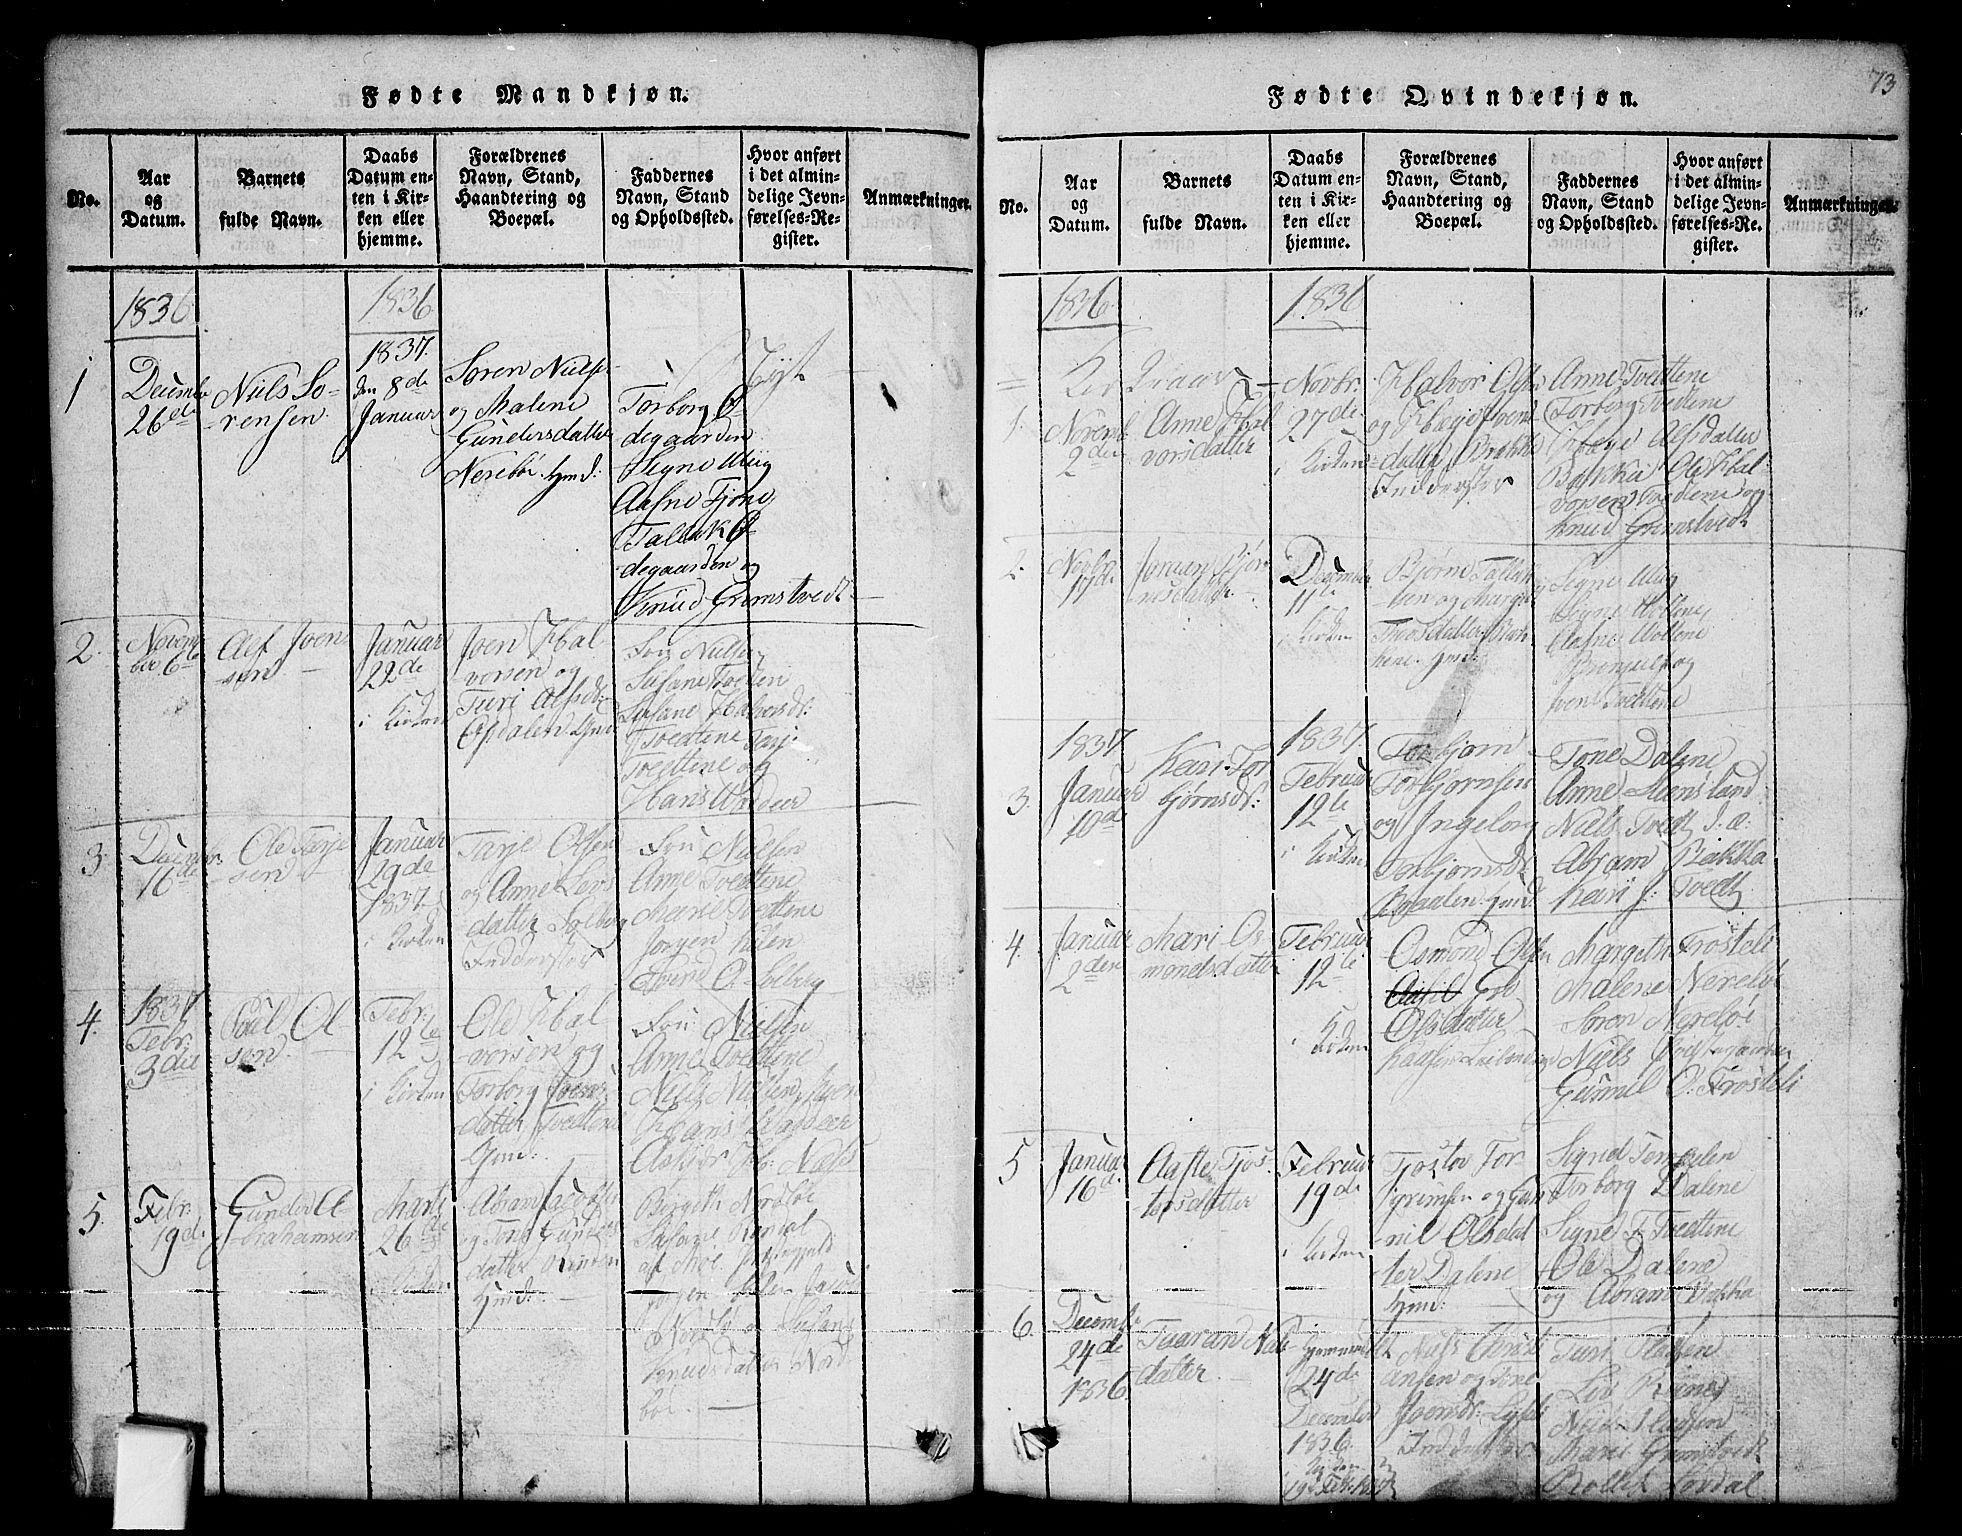 SAKO, Nissedal kirkebøker, G/Ga/L0001: Klokkerbok nr. I 1, 1814-1860, s. 73